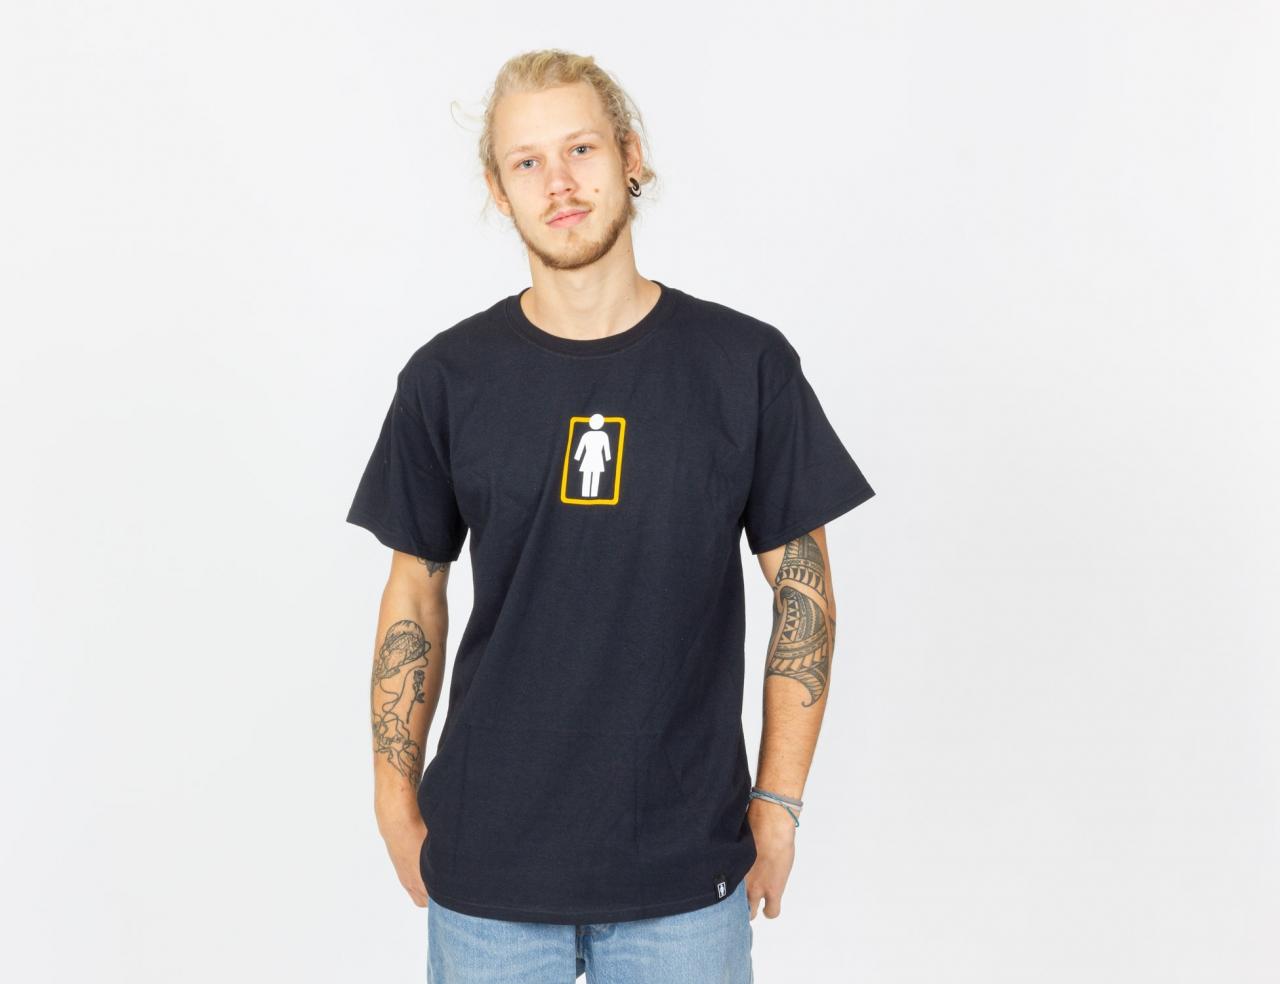 Girl Unboxed OG Center Shirt - Black